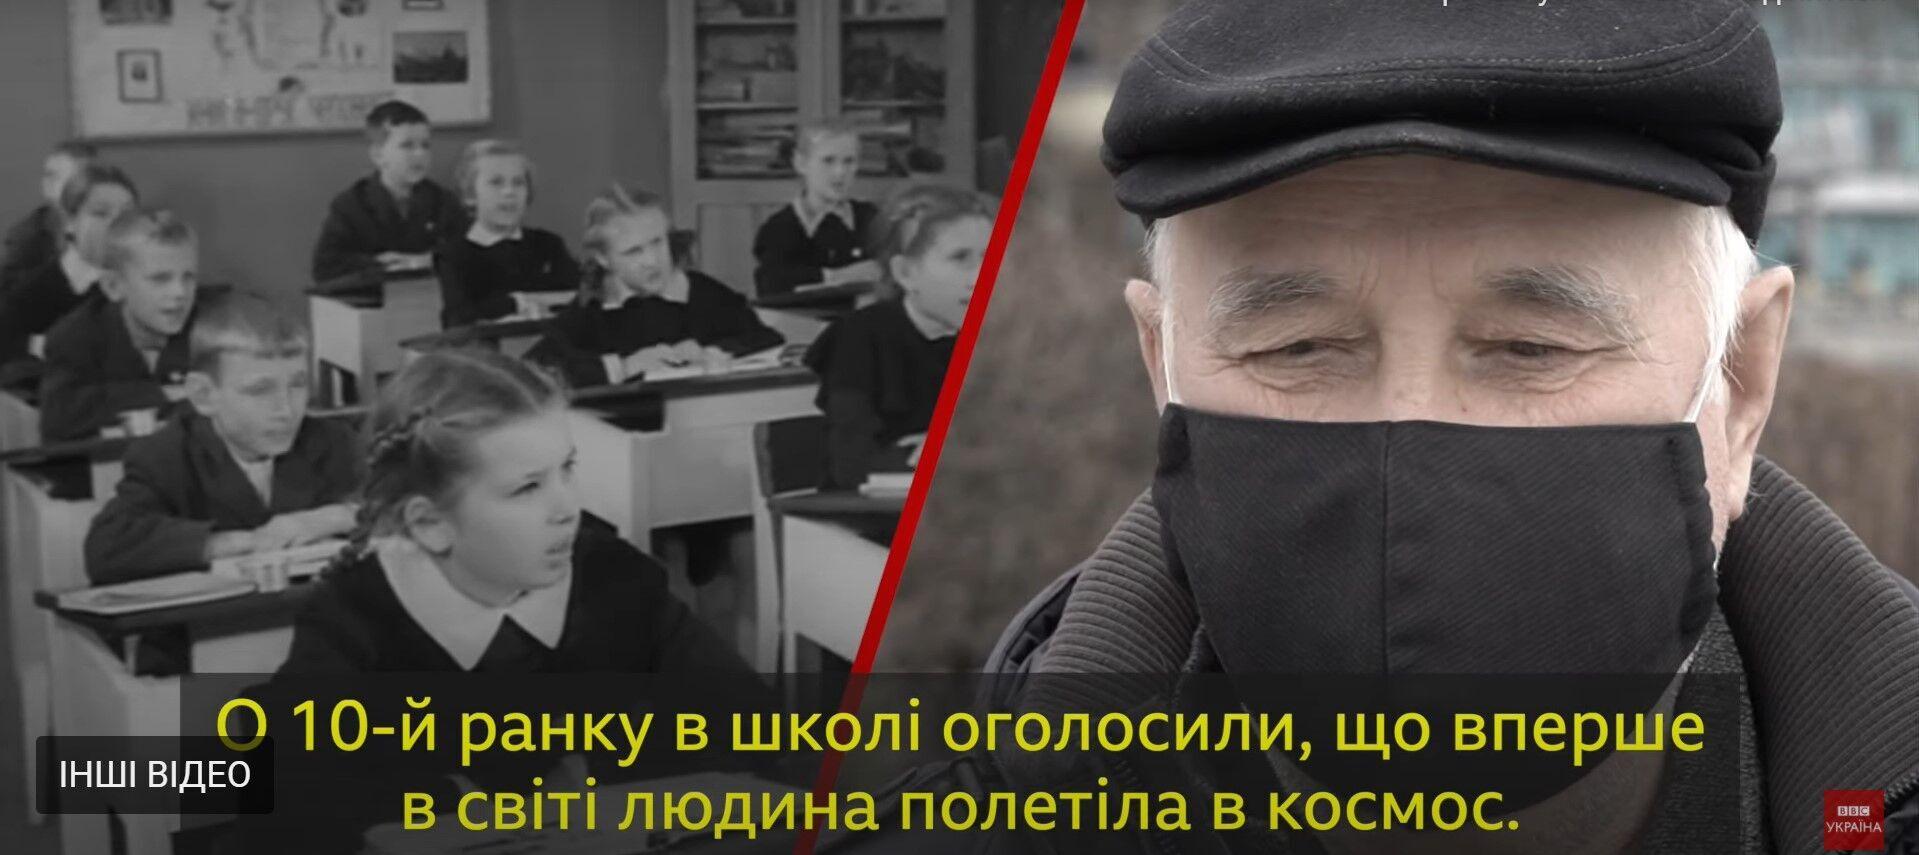 Украинцы рассказывают о первом полете в космос.